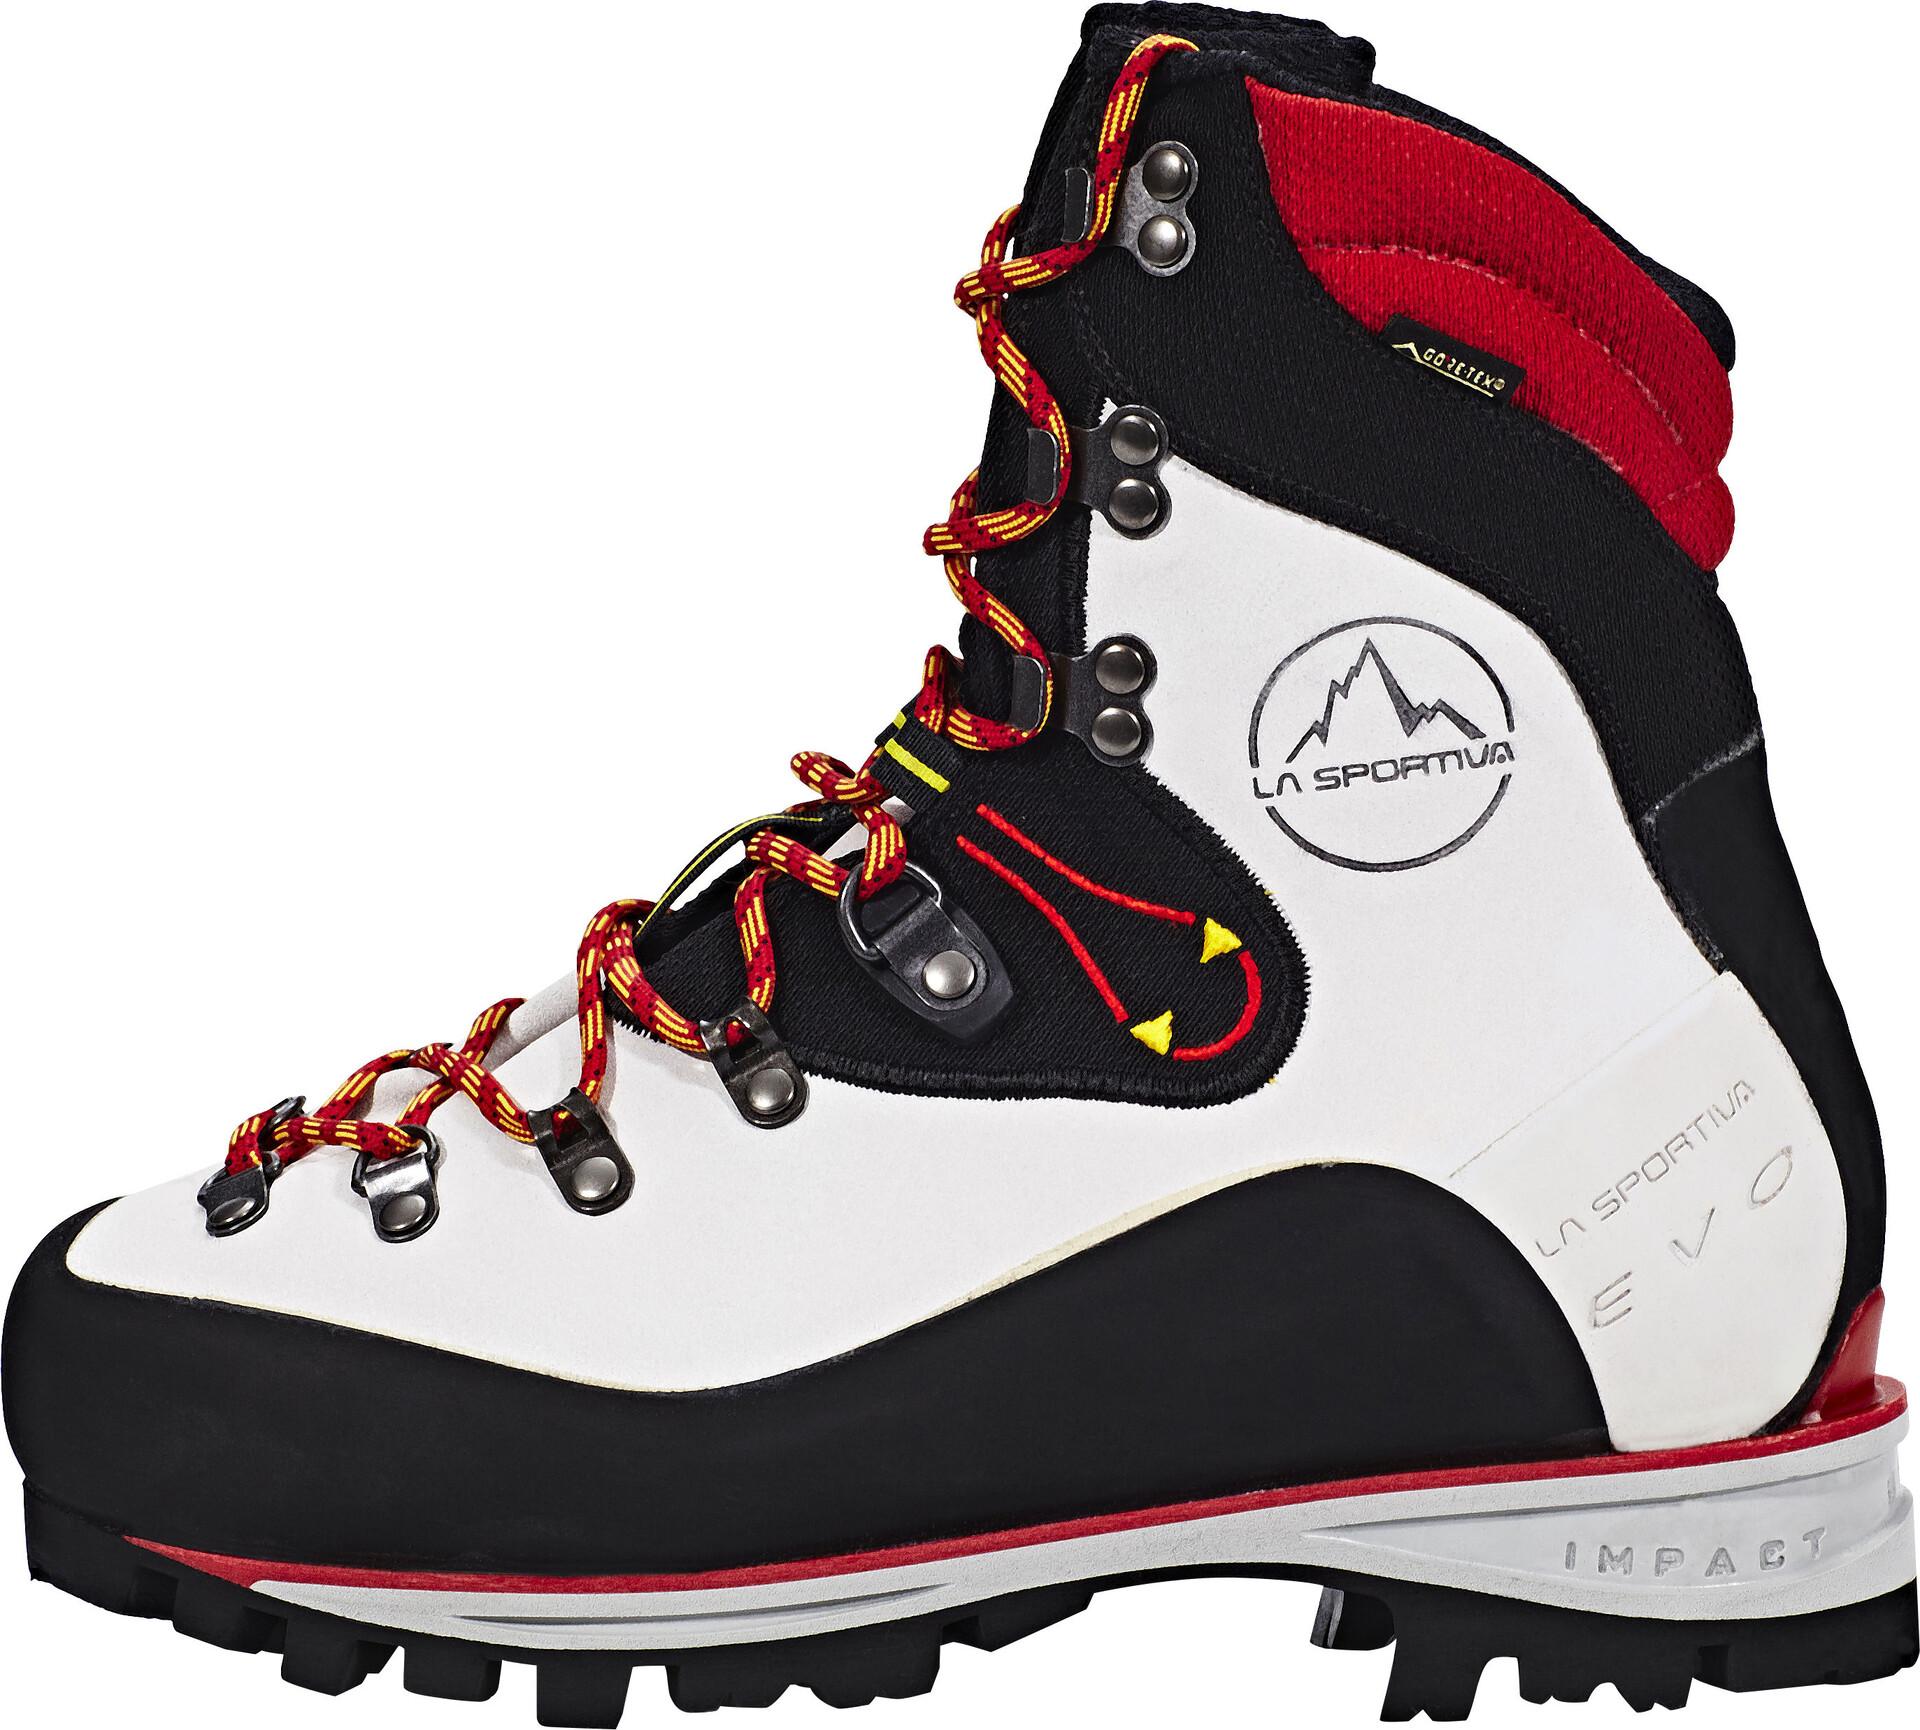 Ice La Evo Shoes Nepal Trek Gtx Damen Sportiva Xw8OknP0